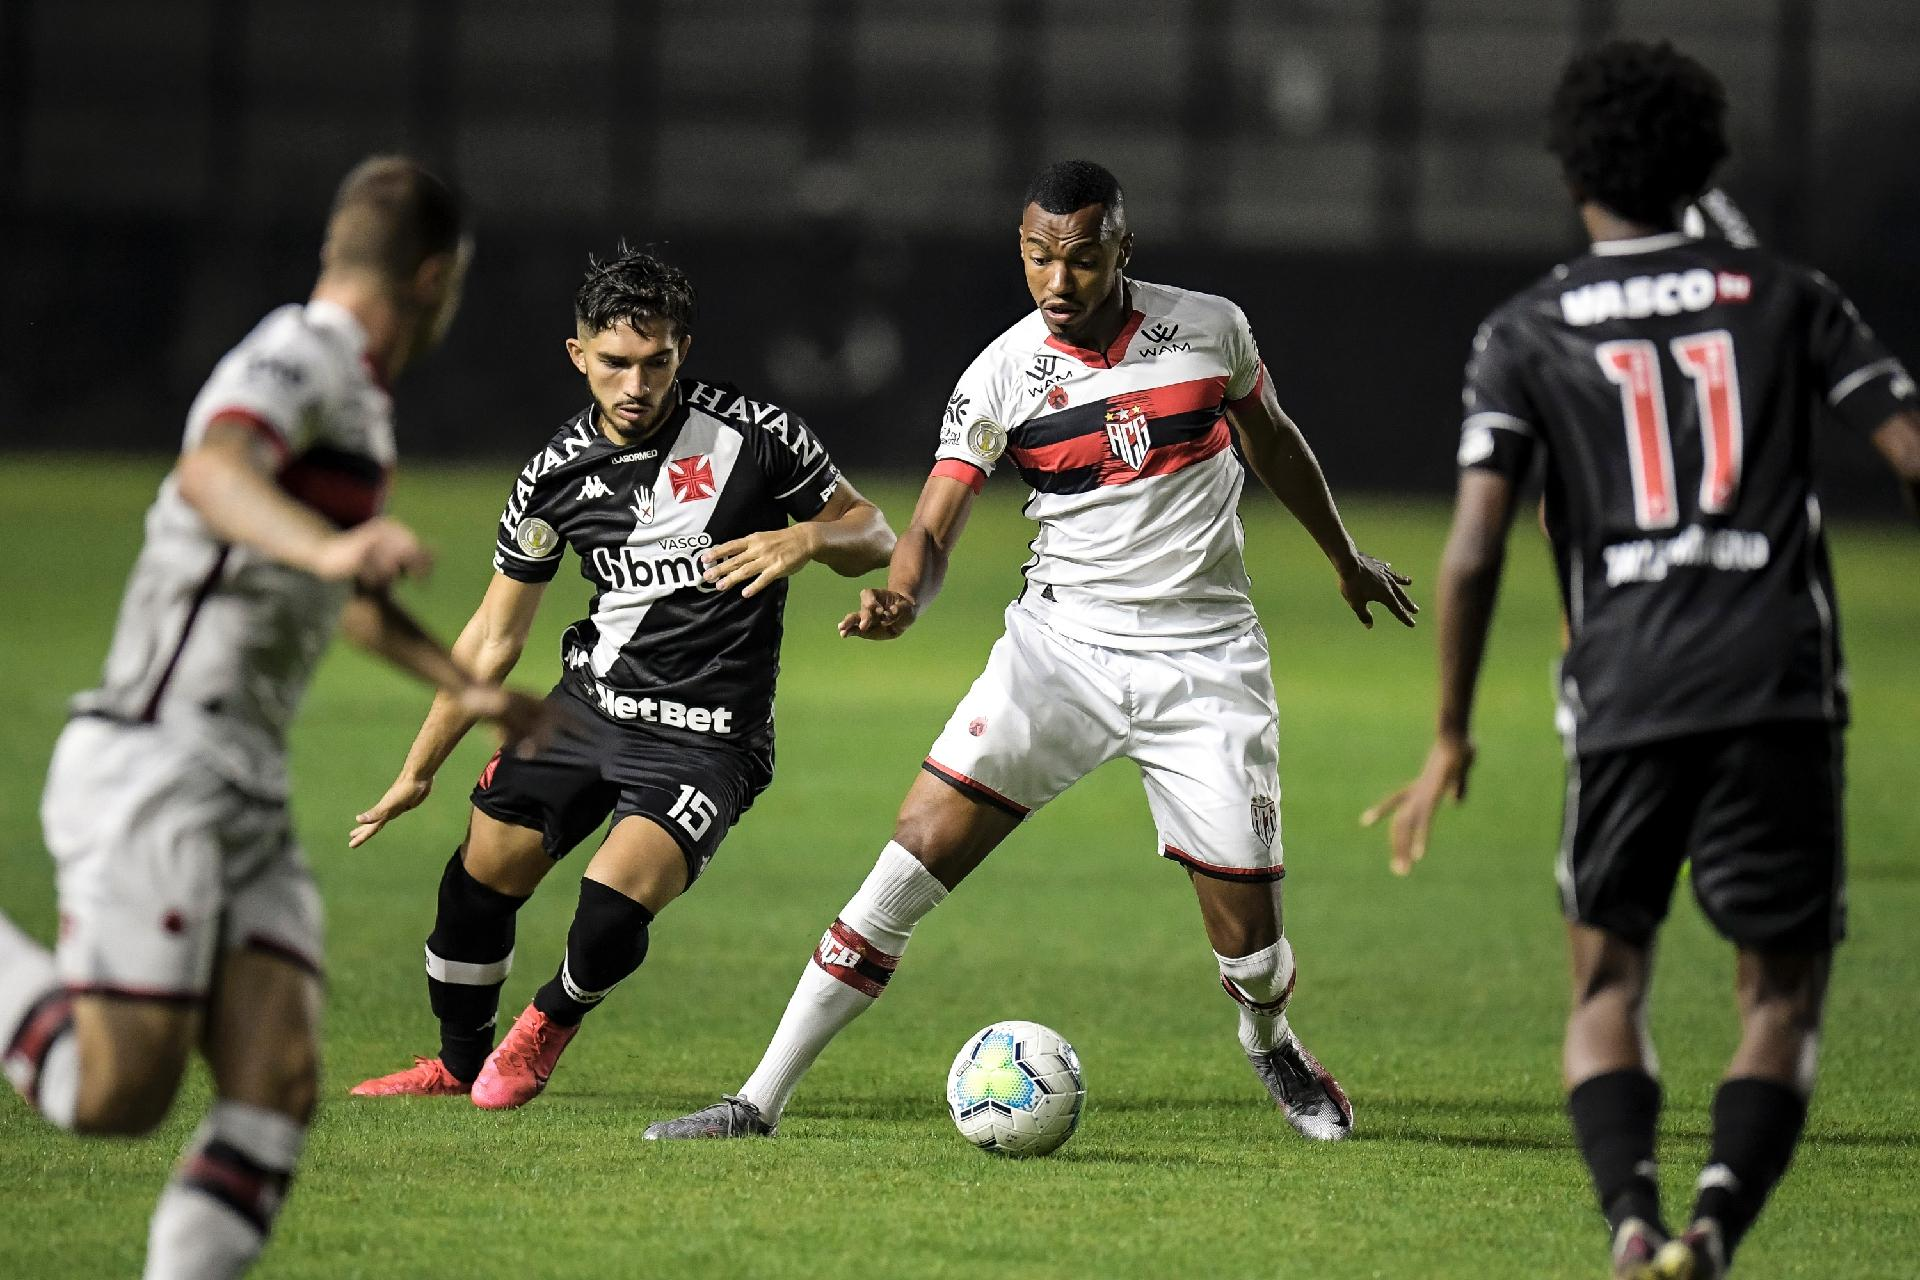 Ex Vasco Kayzer Brilha E Da Vitoria Ao Atletico Go Em Sao Januario 10 09 2020 Uol Esporte